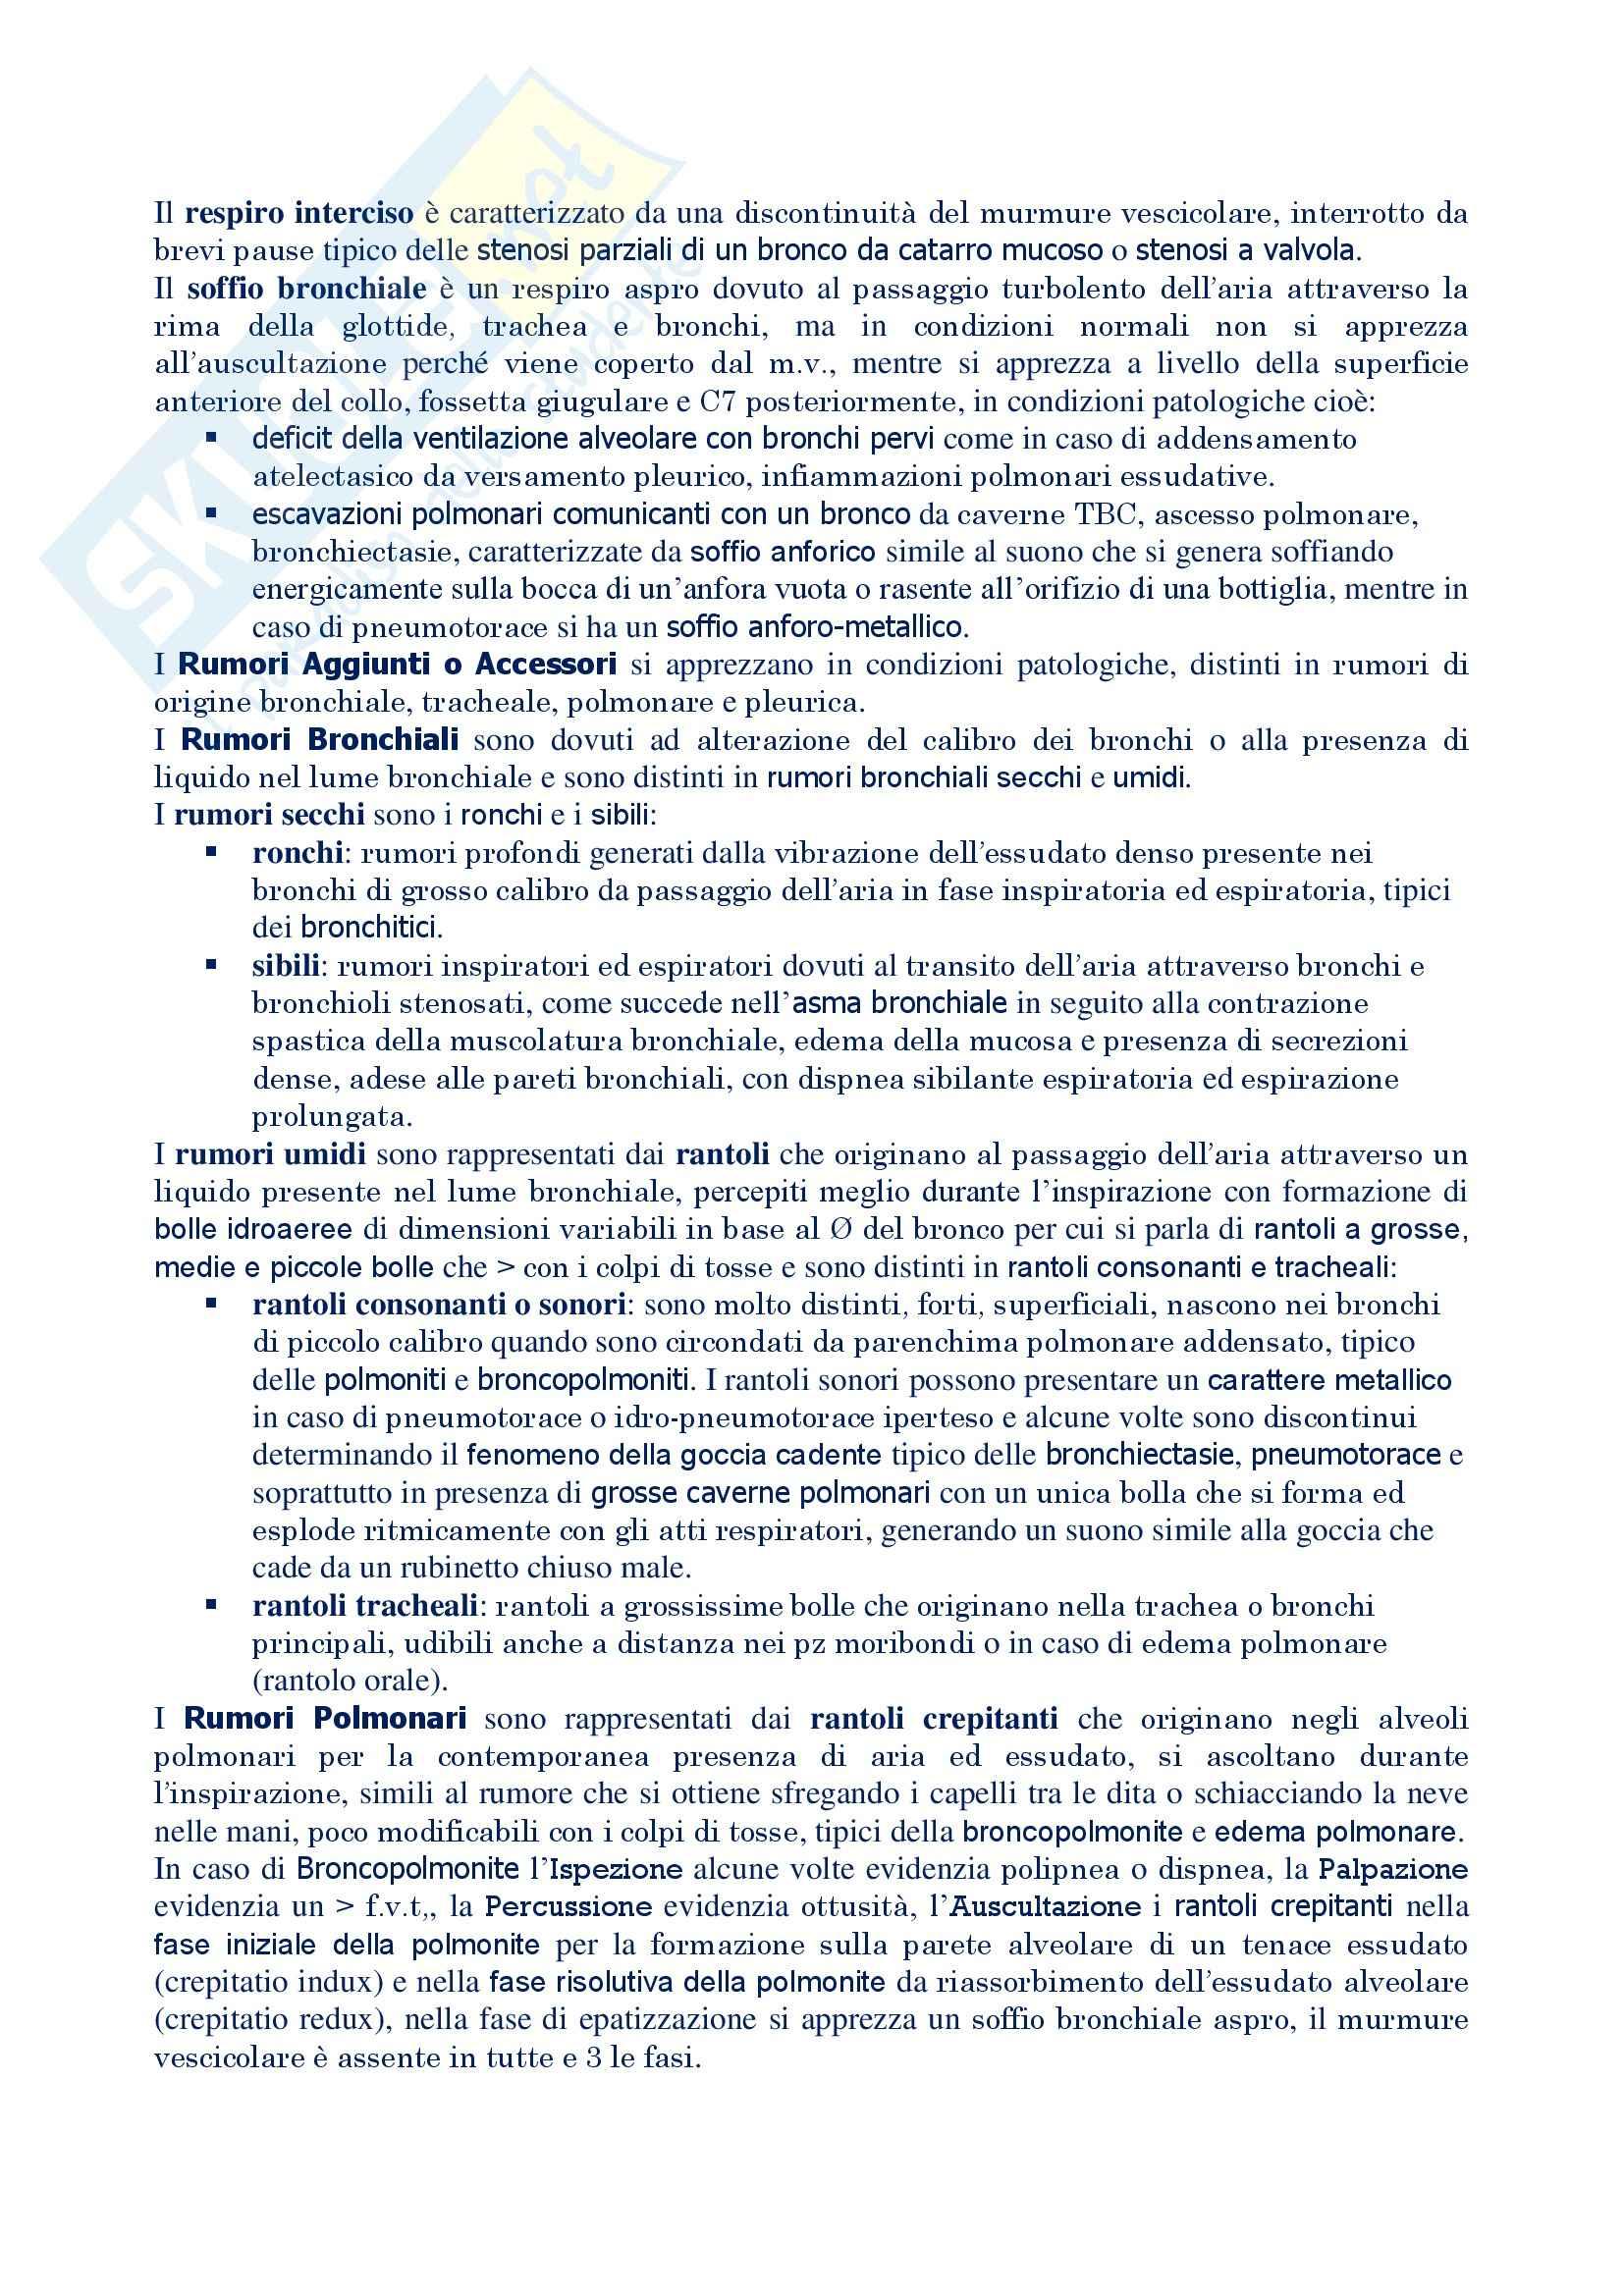 Malattie dell'apparato respiratorio - esame obiettivo torace Pag. 6